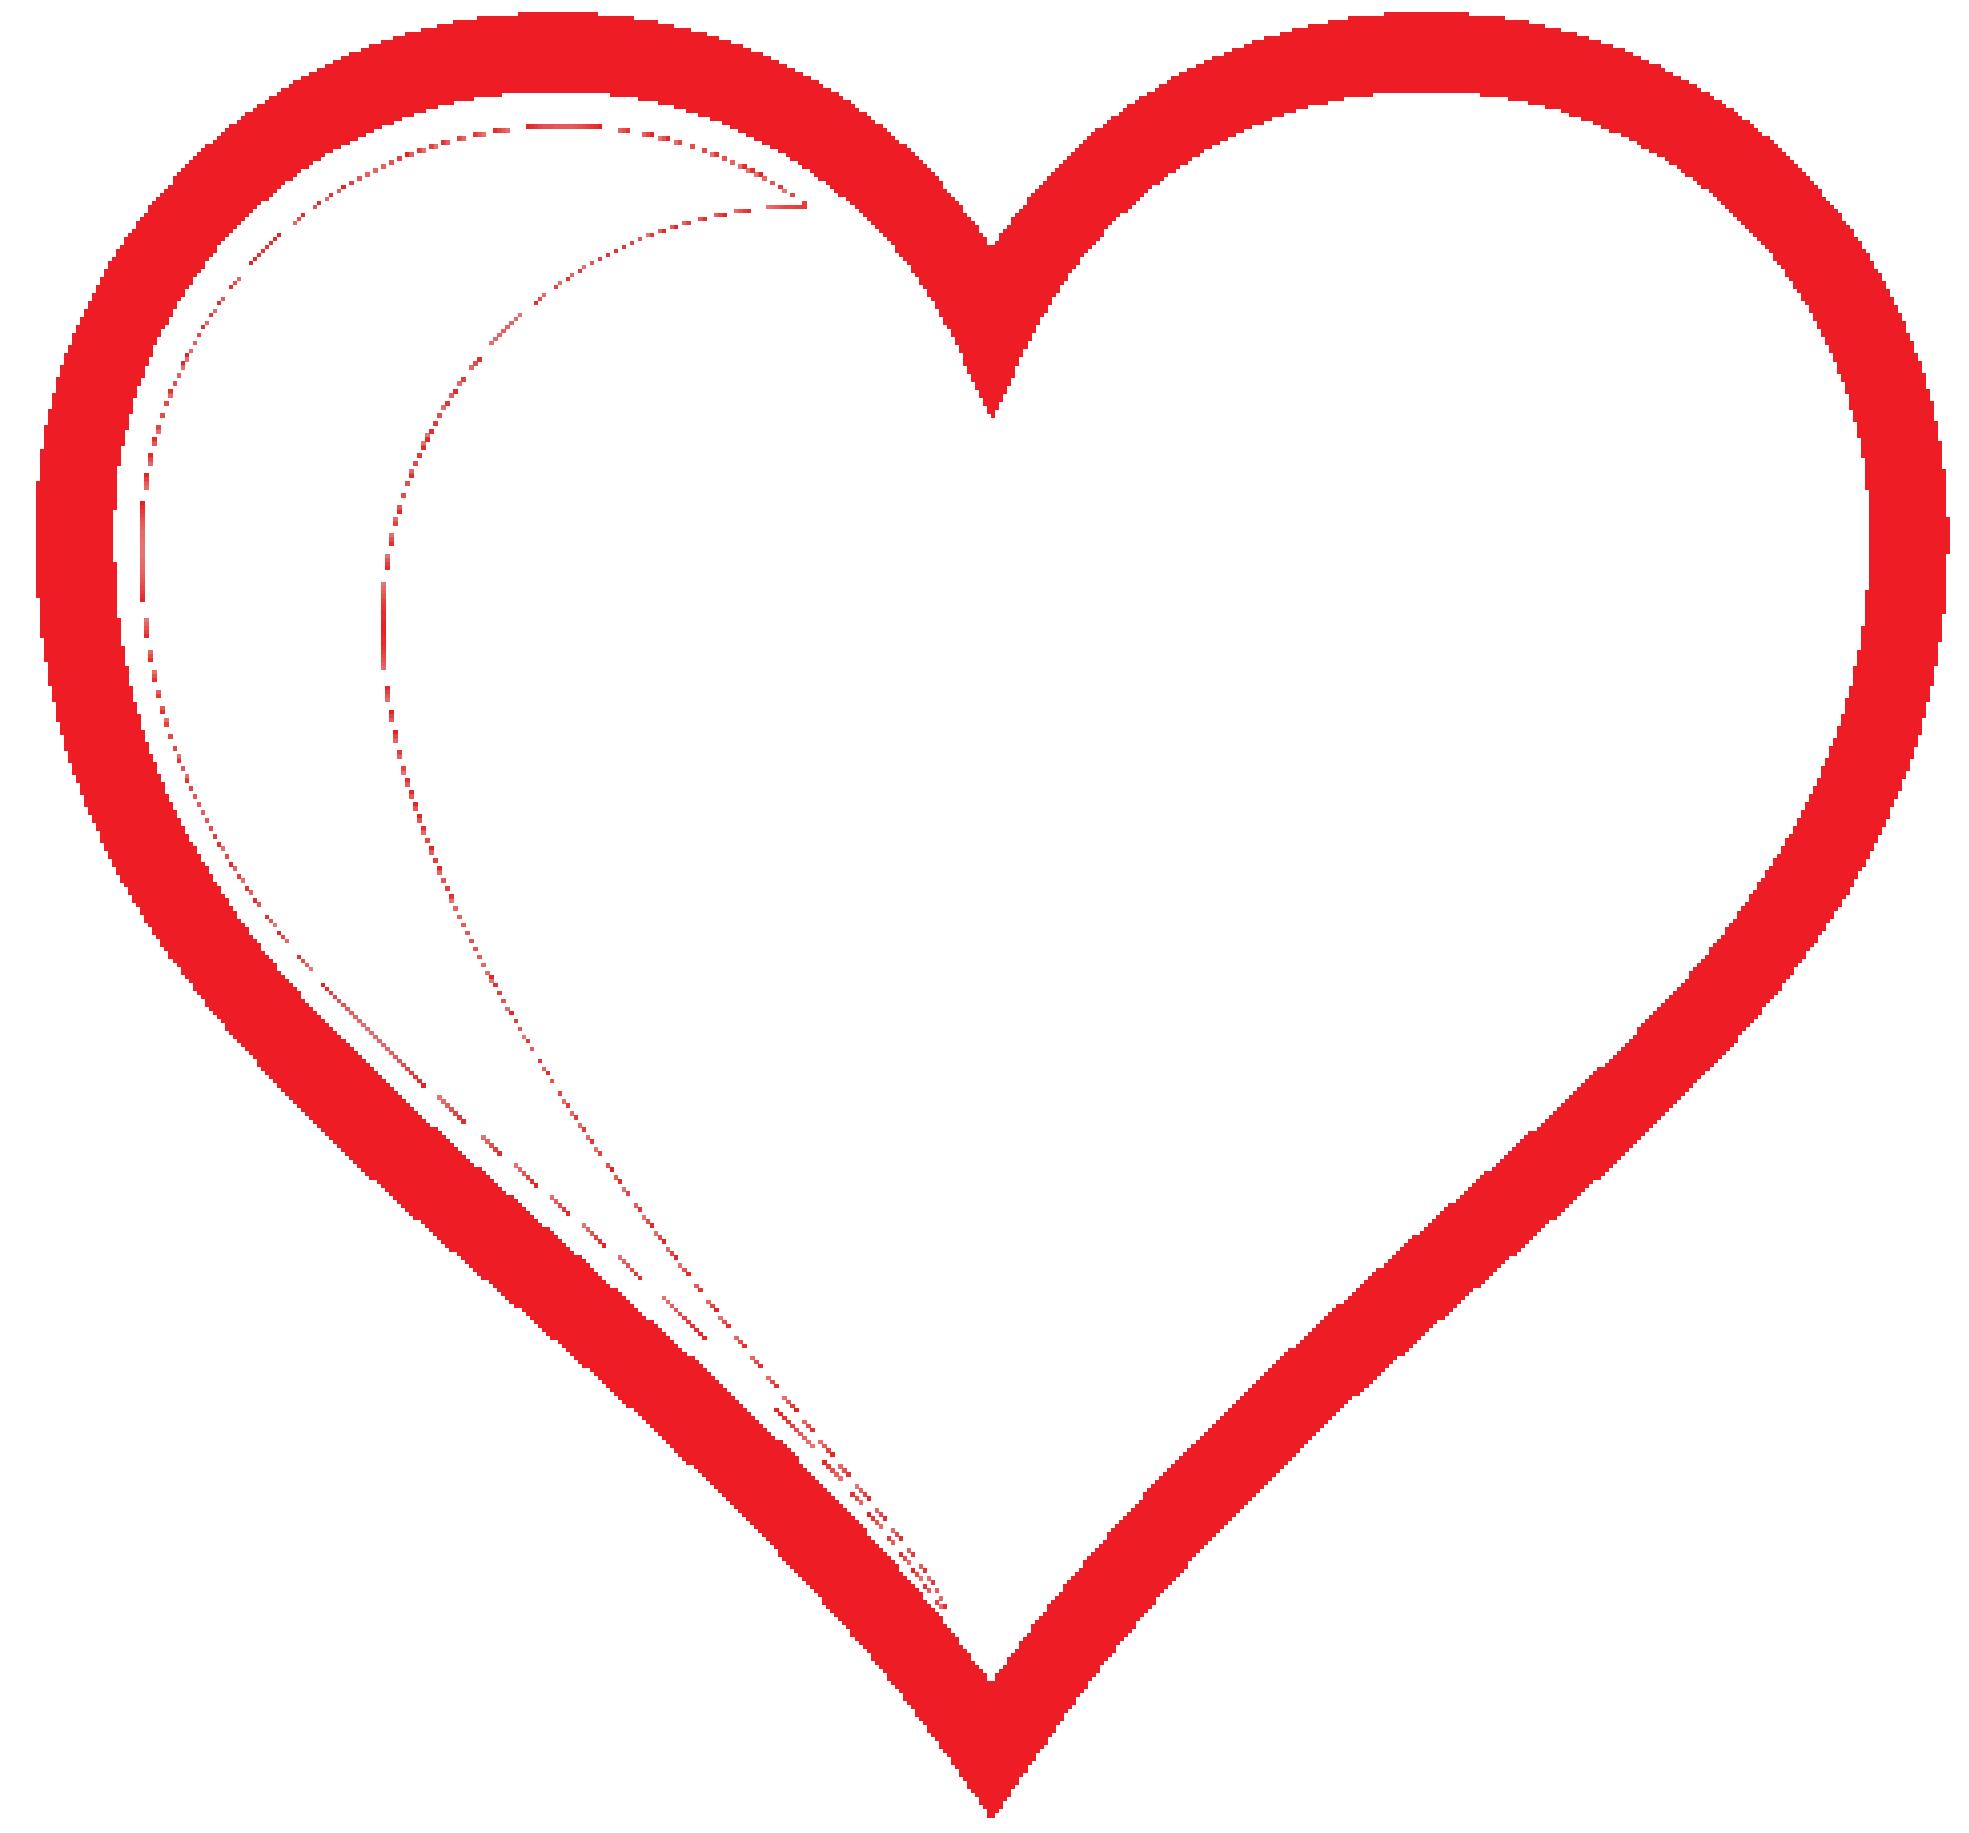 imagen de corazon - 640×640